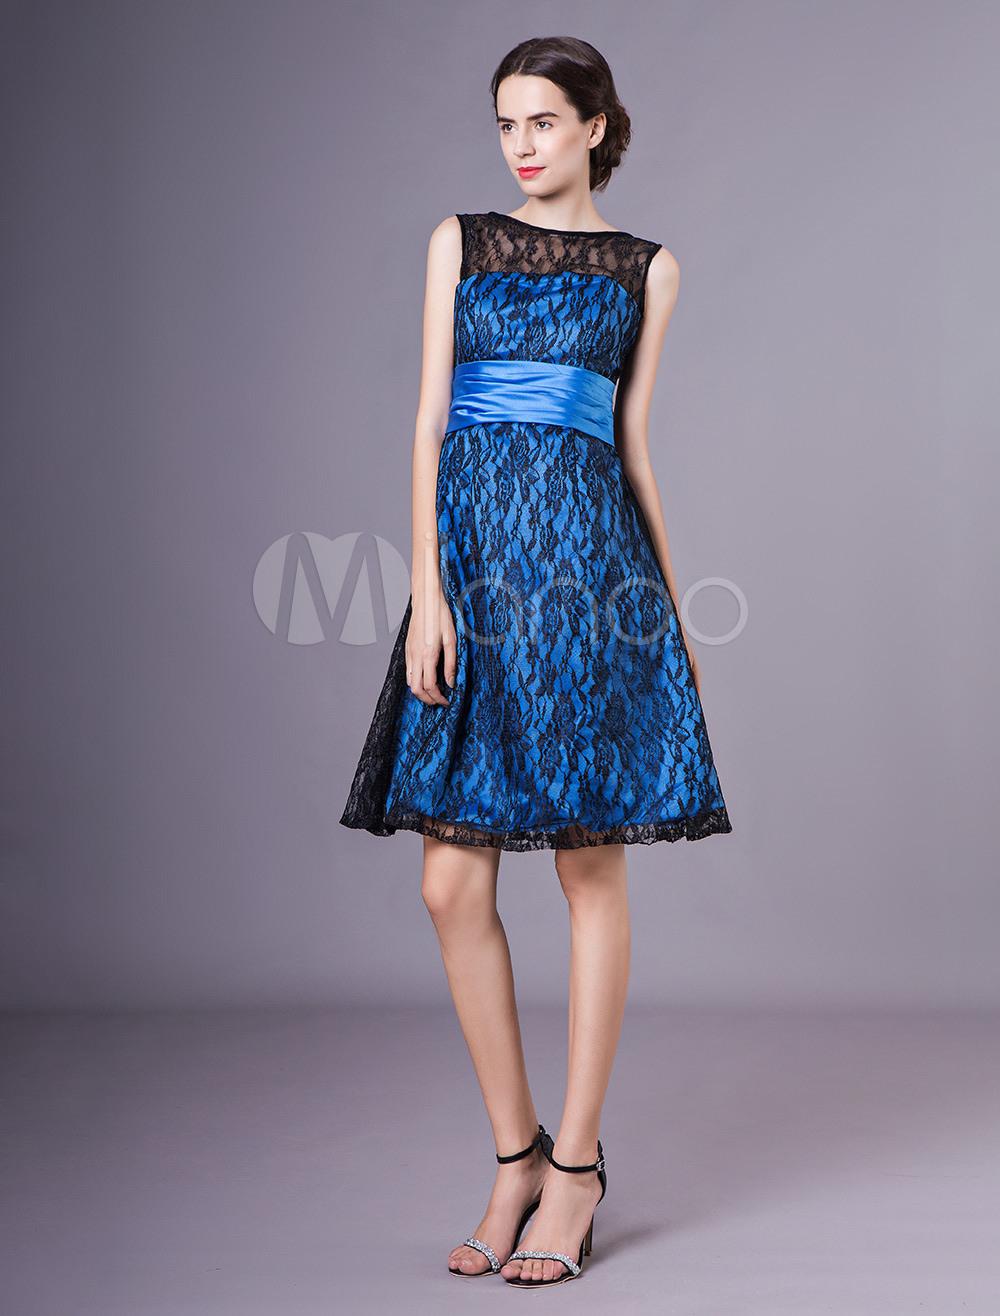 Brautmutterkleider A-Linie- Abendkleider Für Hochzeit Spitze  Cocktailkleider Blau Hochzeit Ärmellos Mit Bateau-Kragen Knielang Und  Reißverschluss